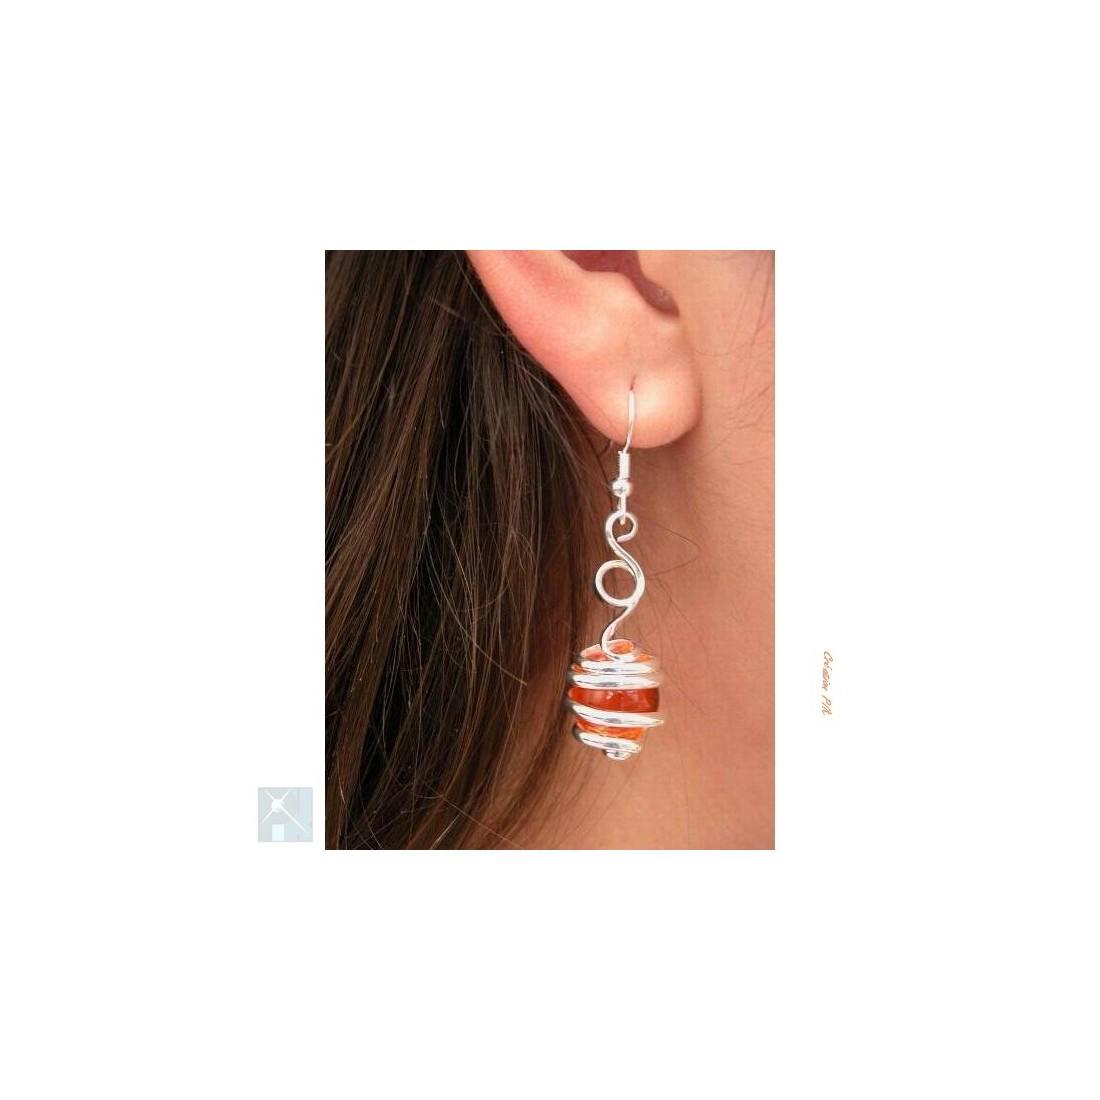 Boucles d'oreilles, création artisanale argent et orange.